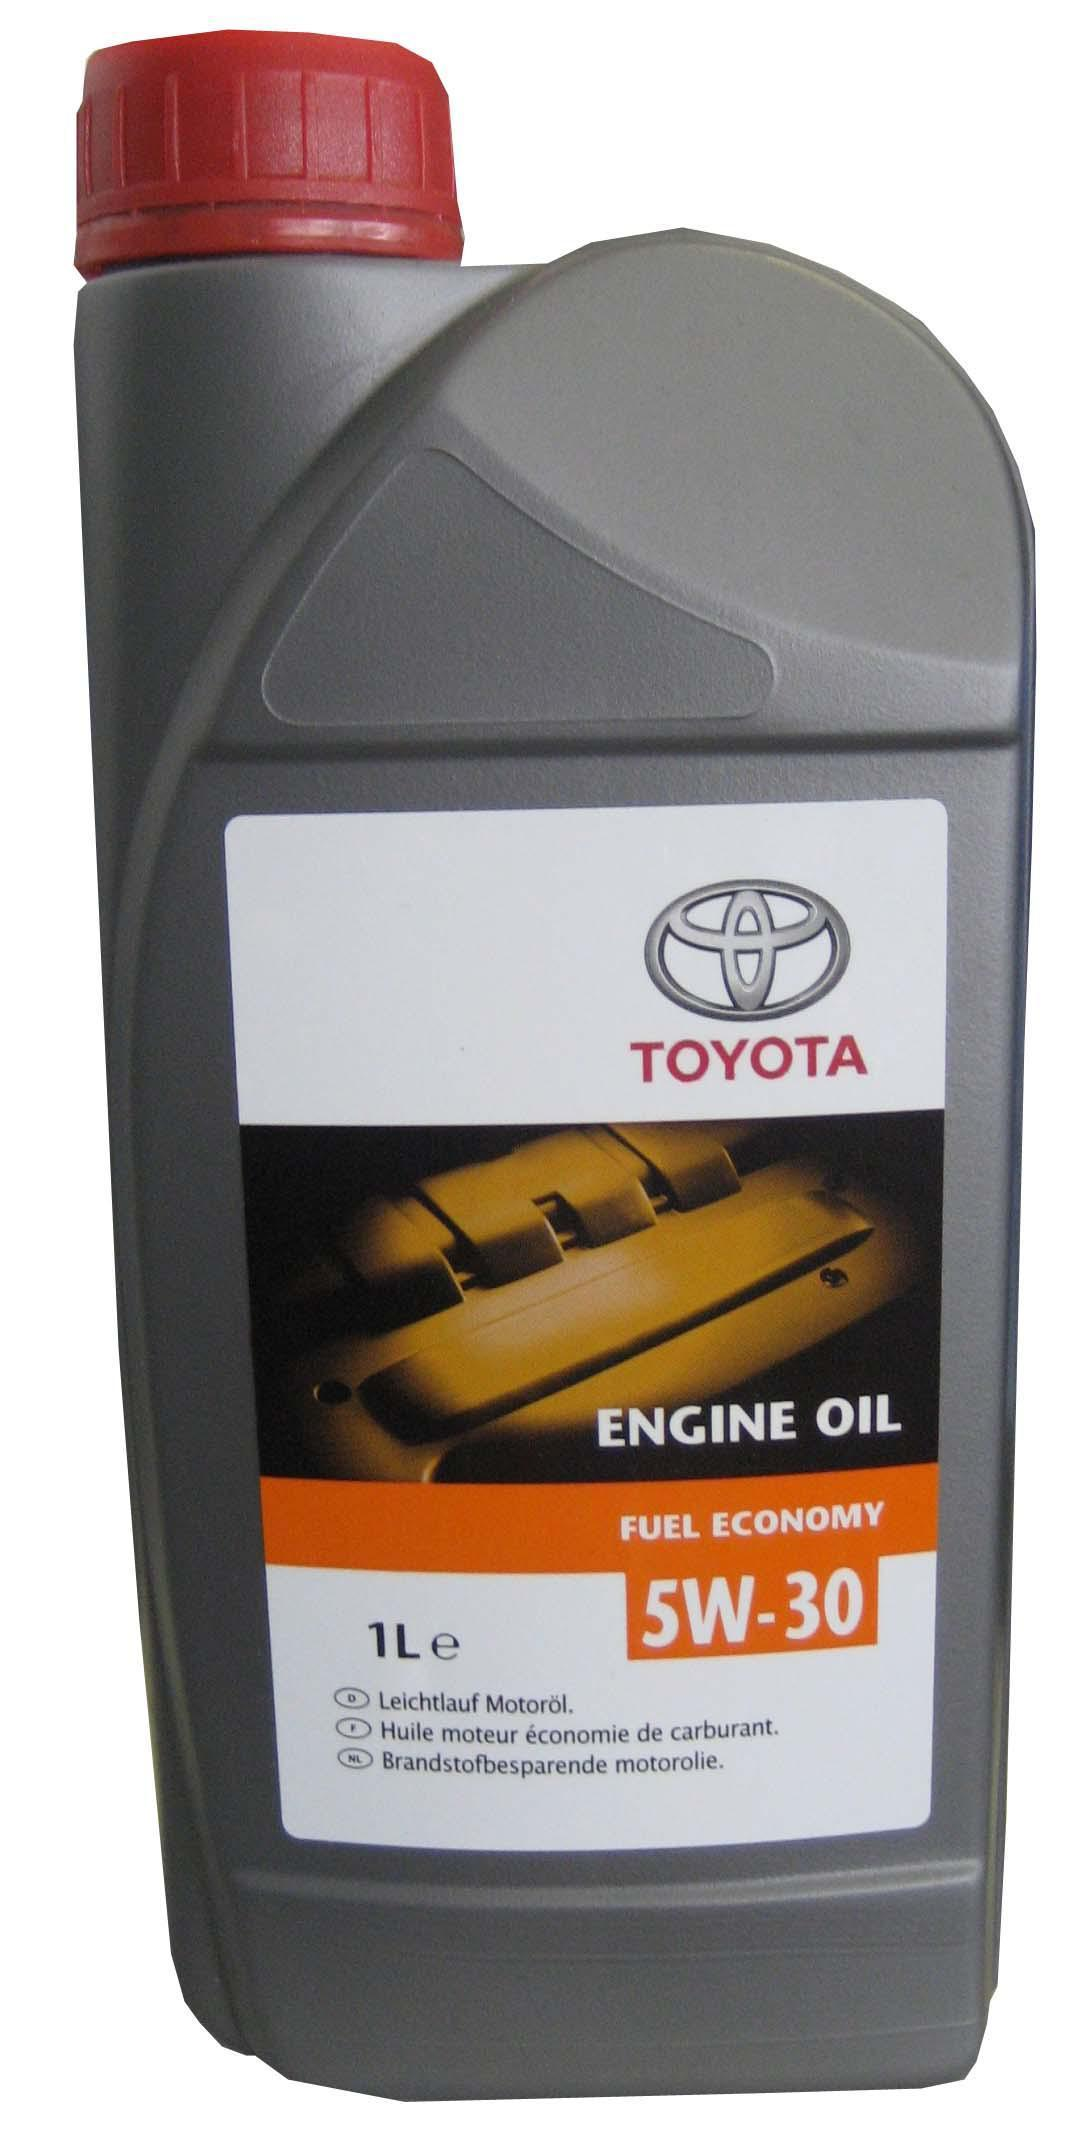 Масло моторное 5W-30 Fuel Economy 1л TOYOTA 0888080846